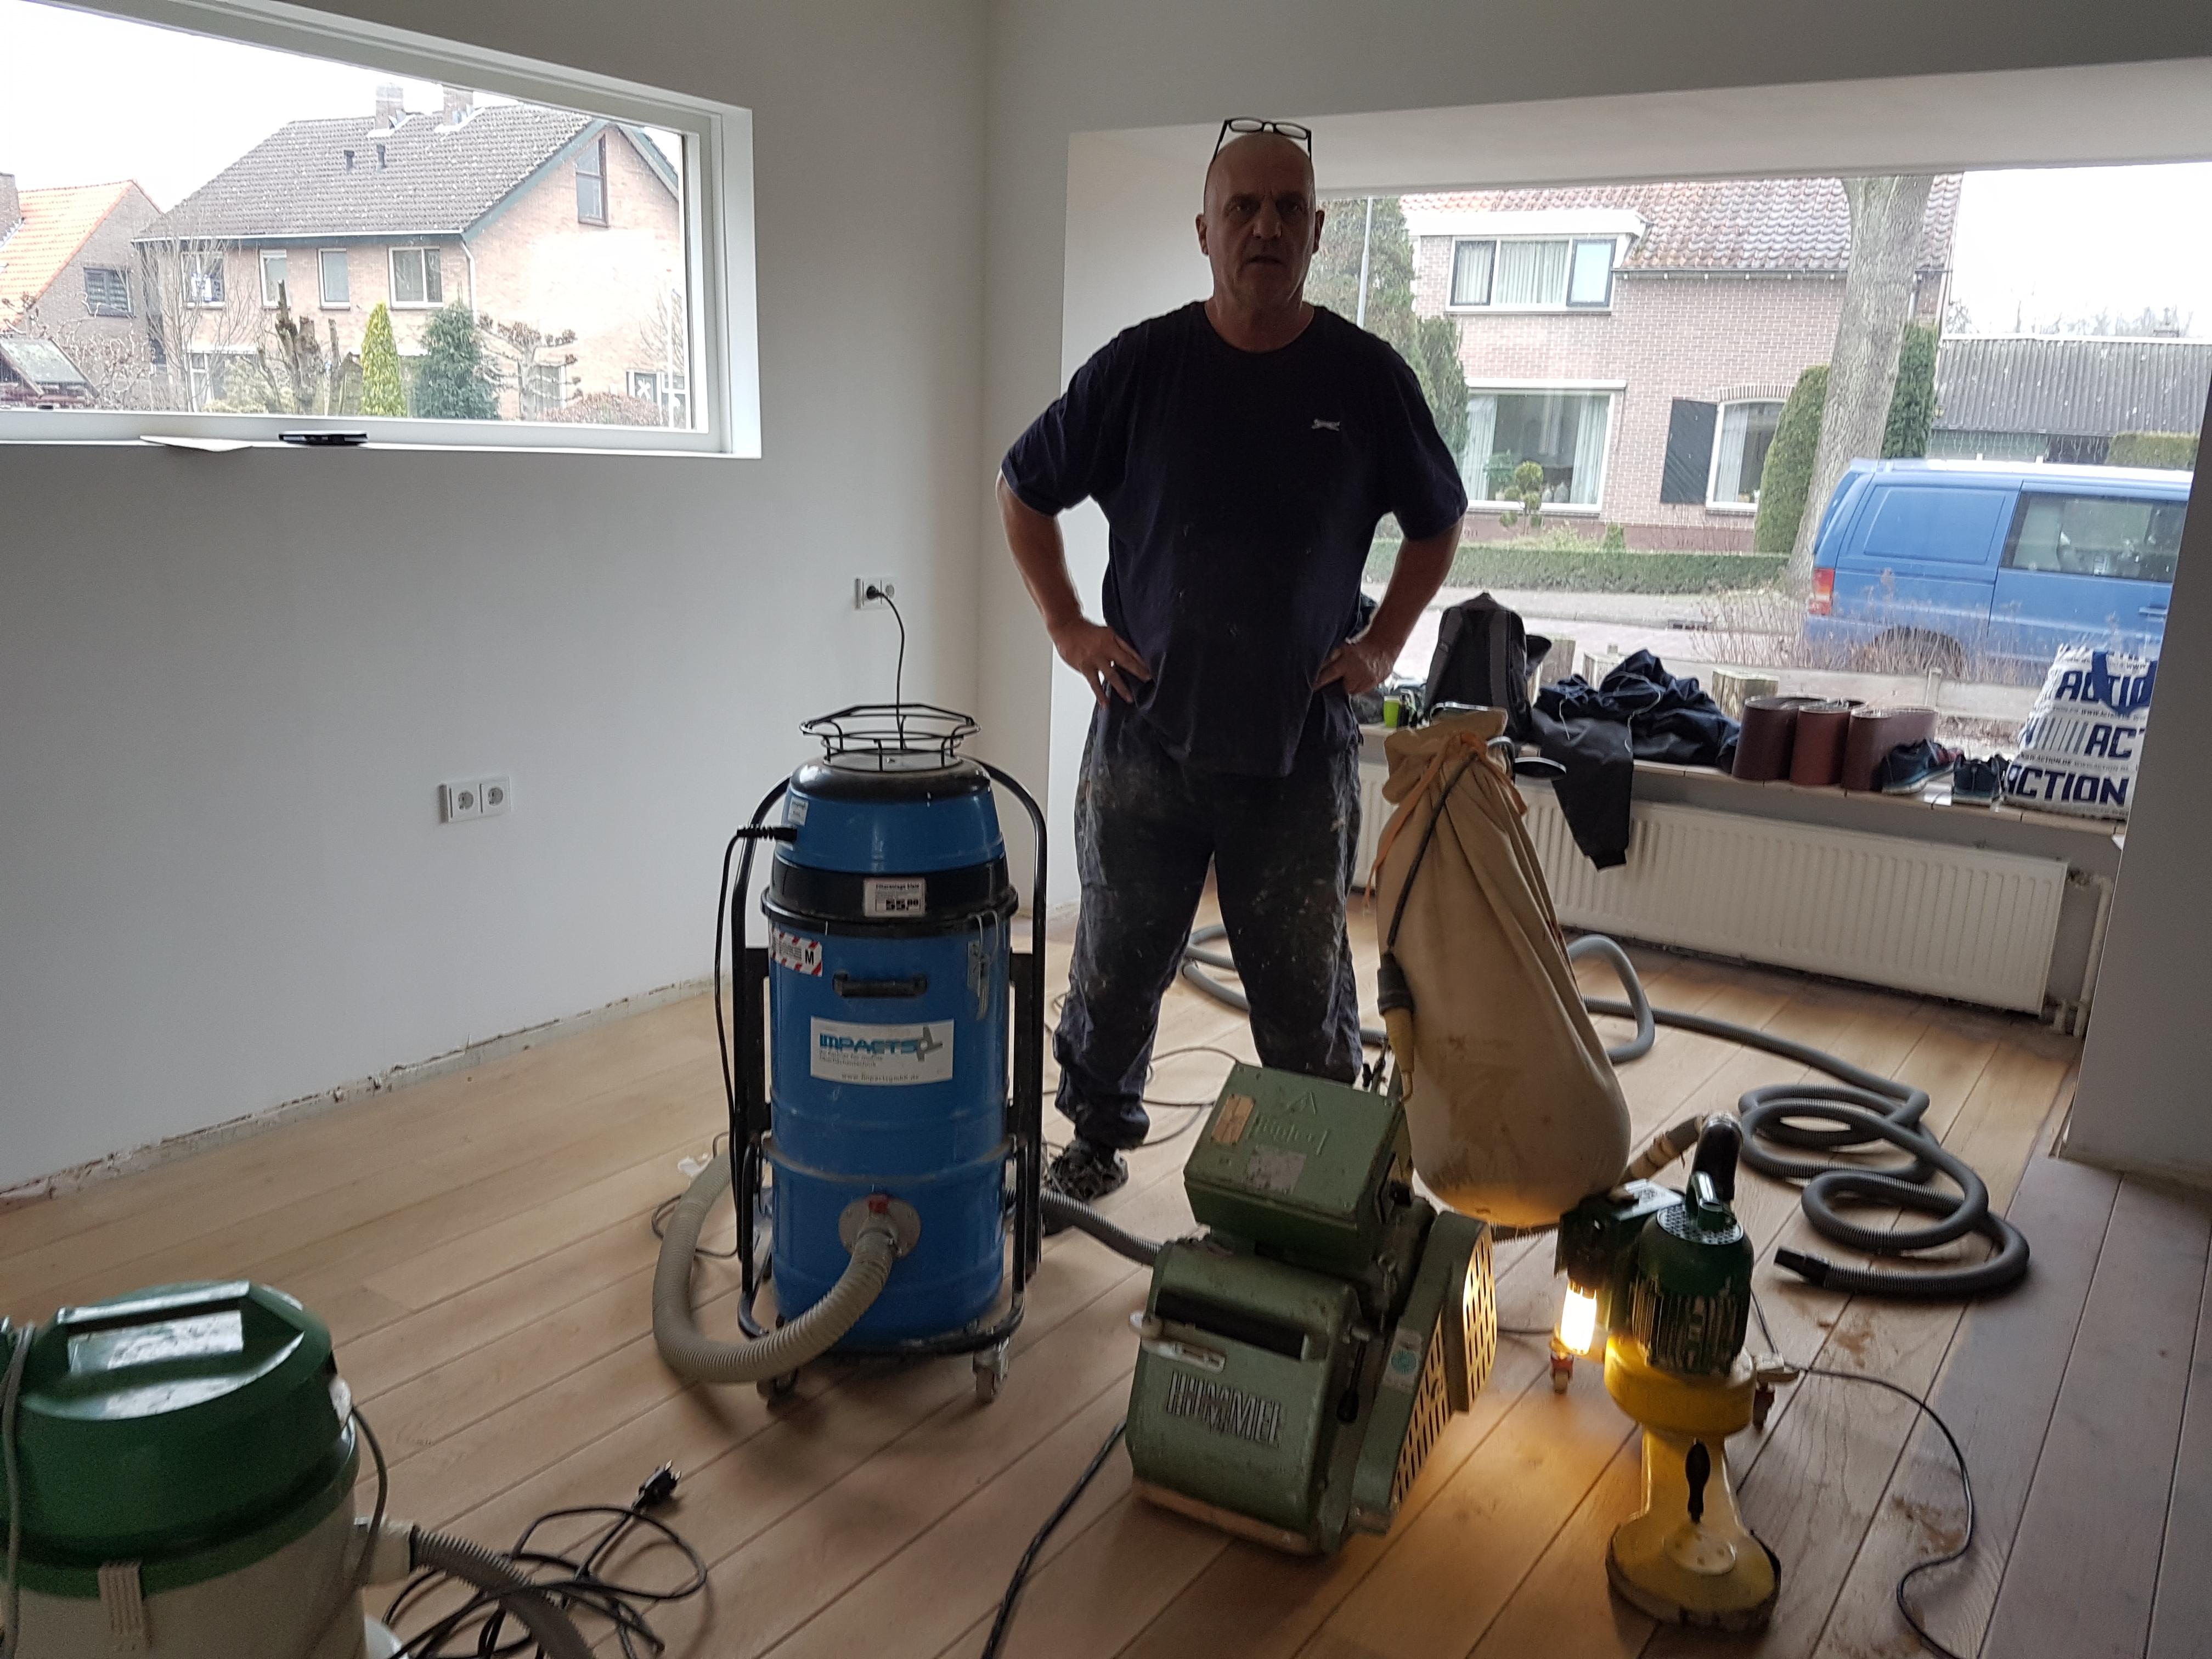 Parket schuren voor lage prijs houten vloer schuren